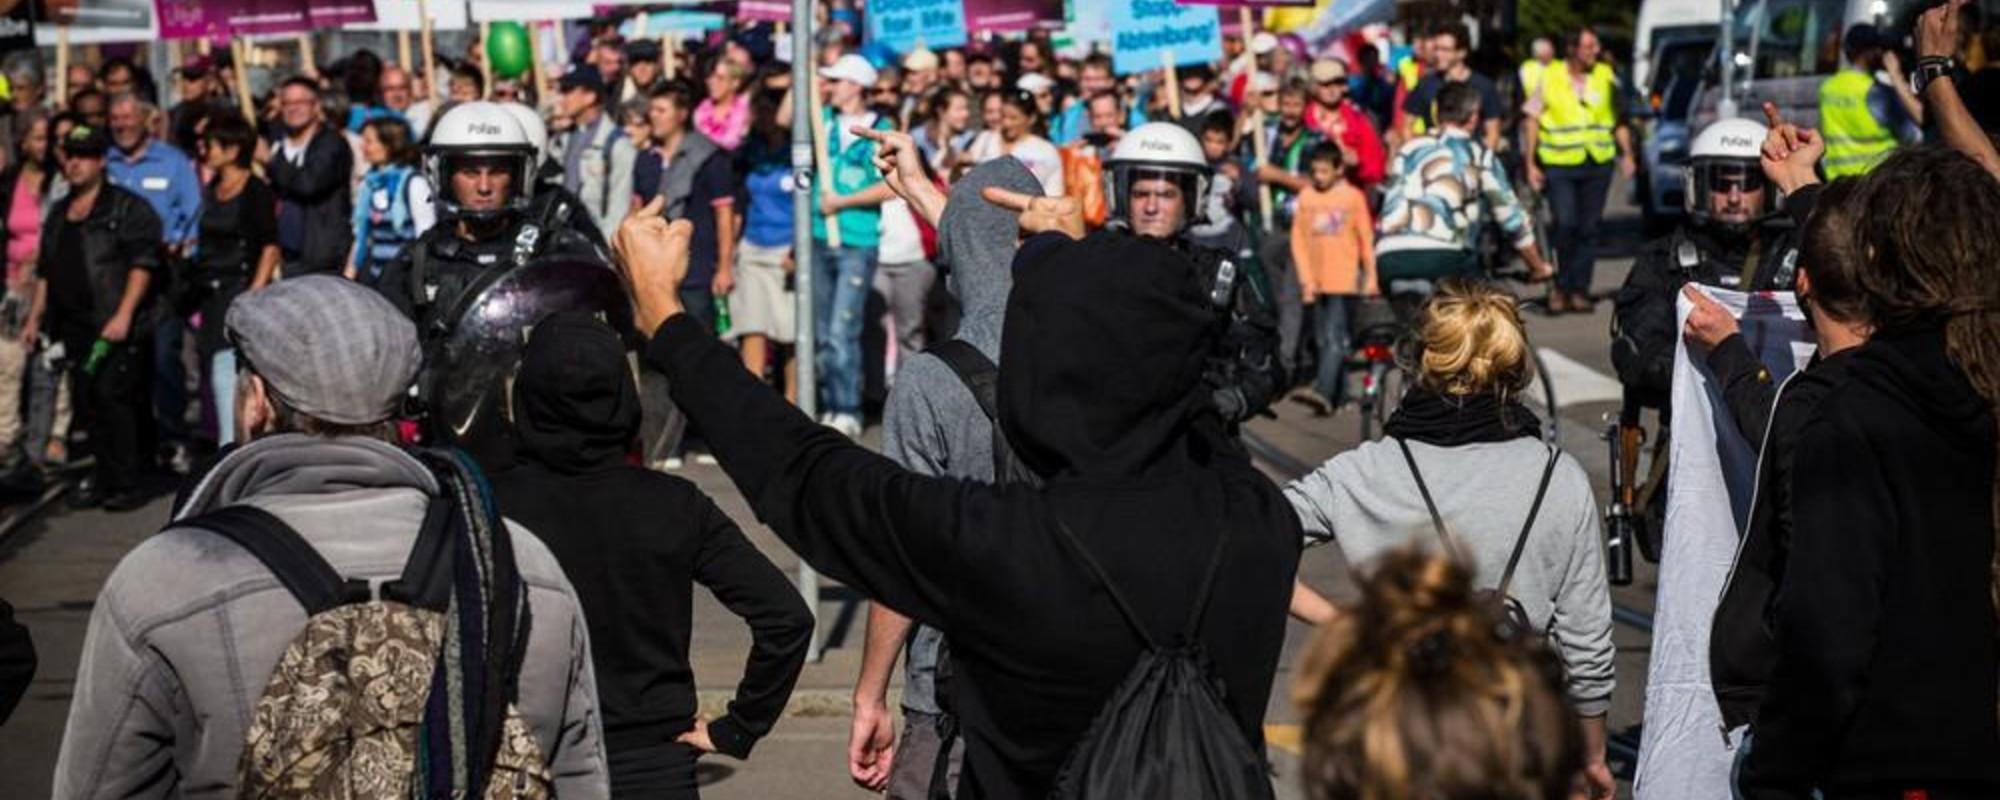 """Eurodance, Robocops, Abtreibungsgegner – wir waren am """"Marsch fürs Läbe"""" in Zürich"""